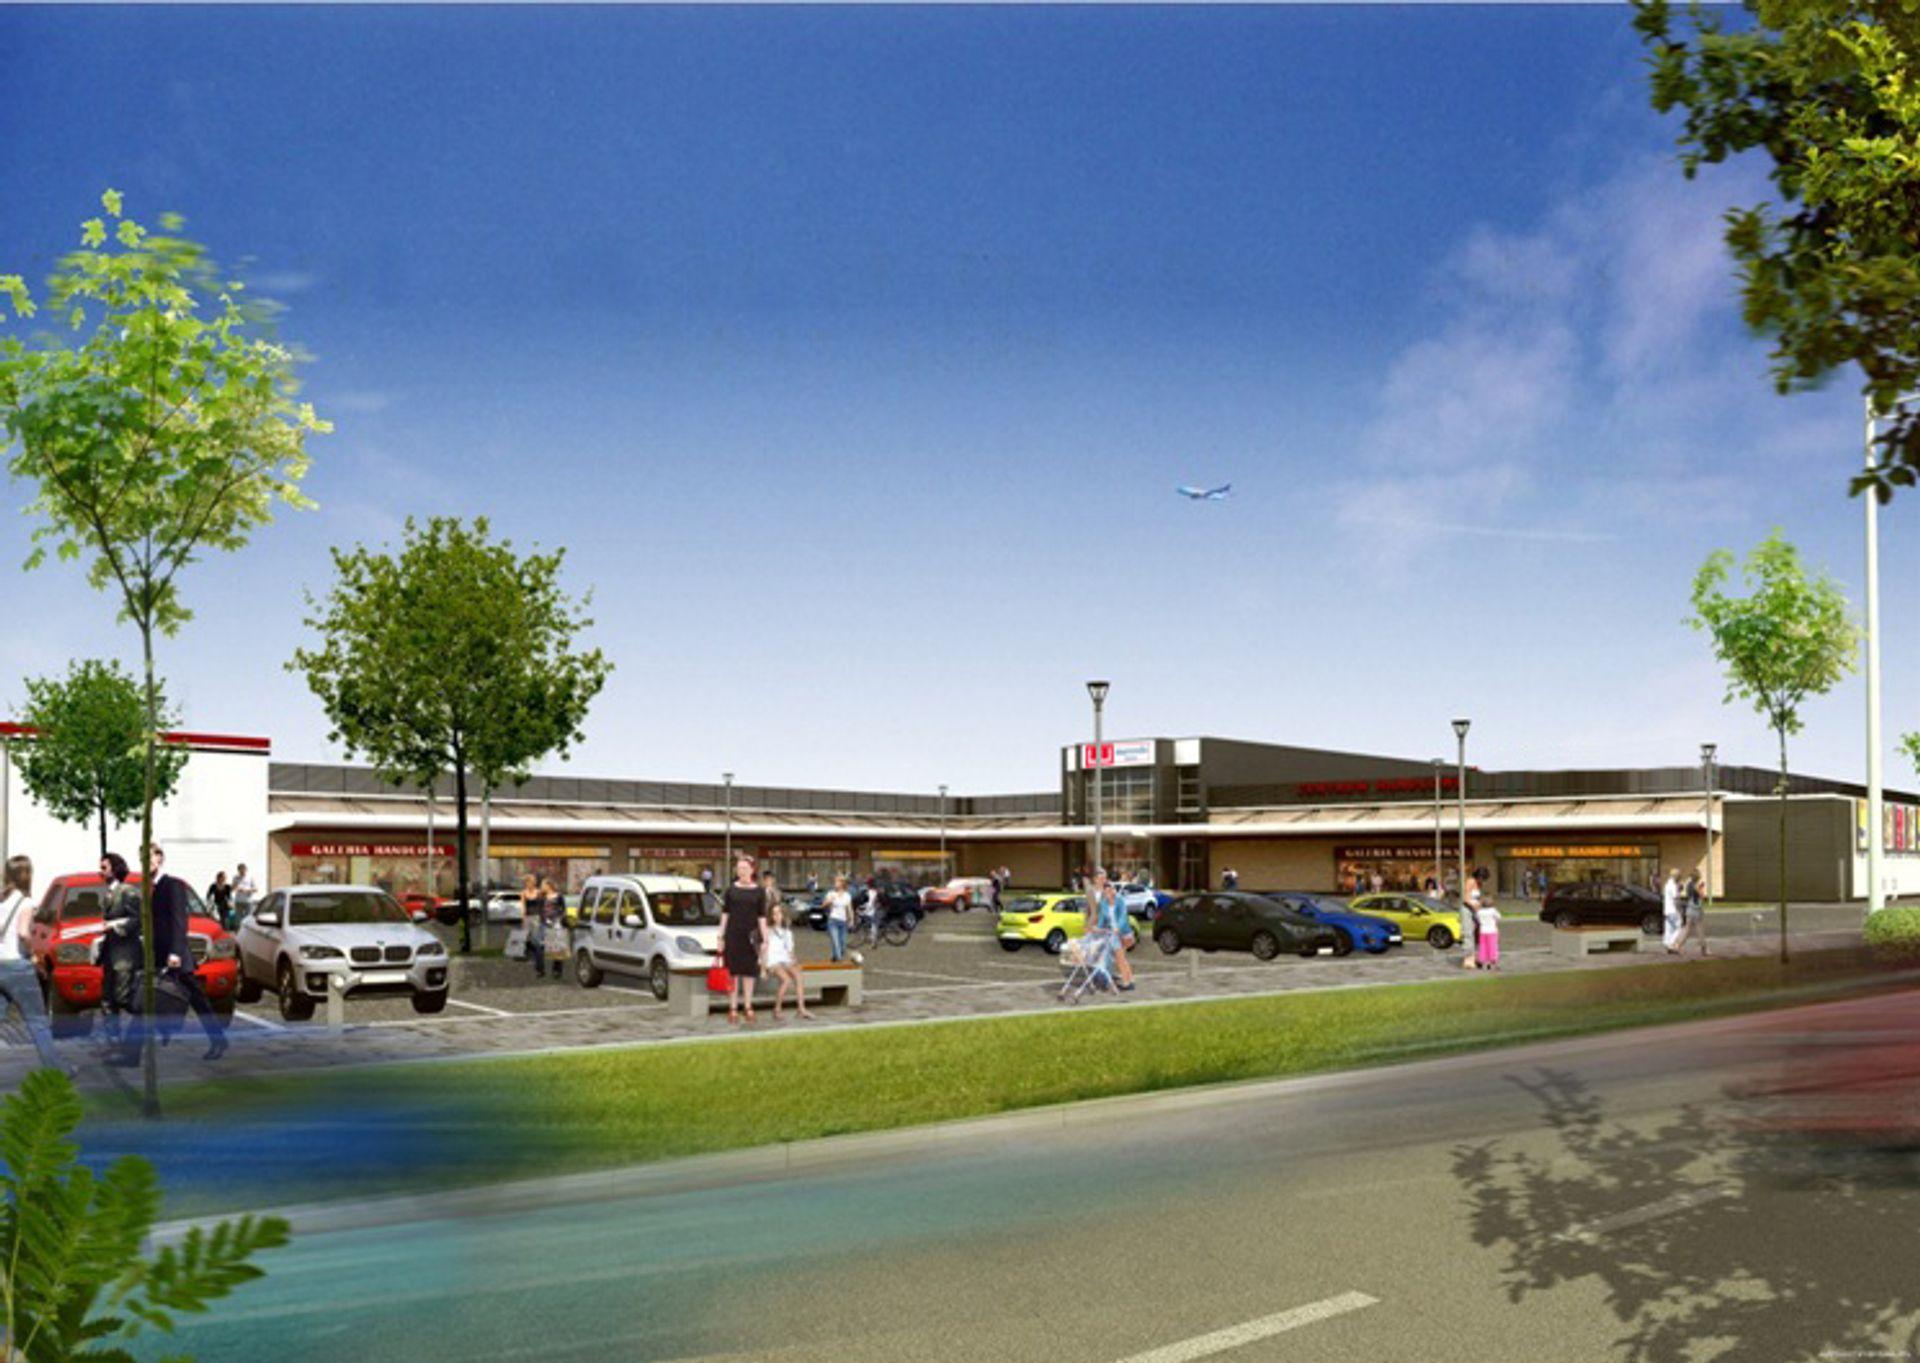 [dolnośląskie] 30 listopada 2012 – Otwarcie Centrum Handlowego marcredo Center Ciechanów